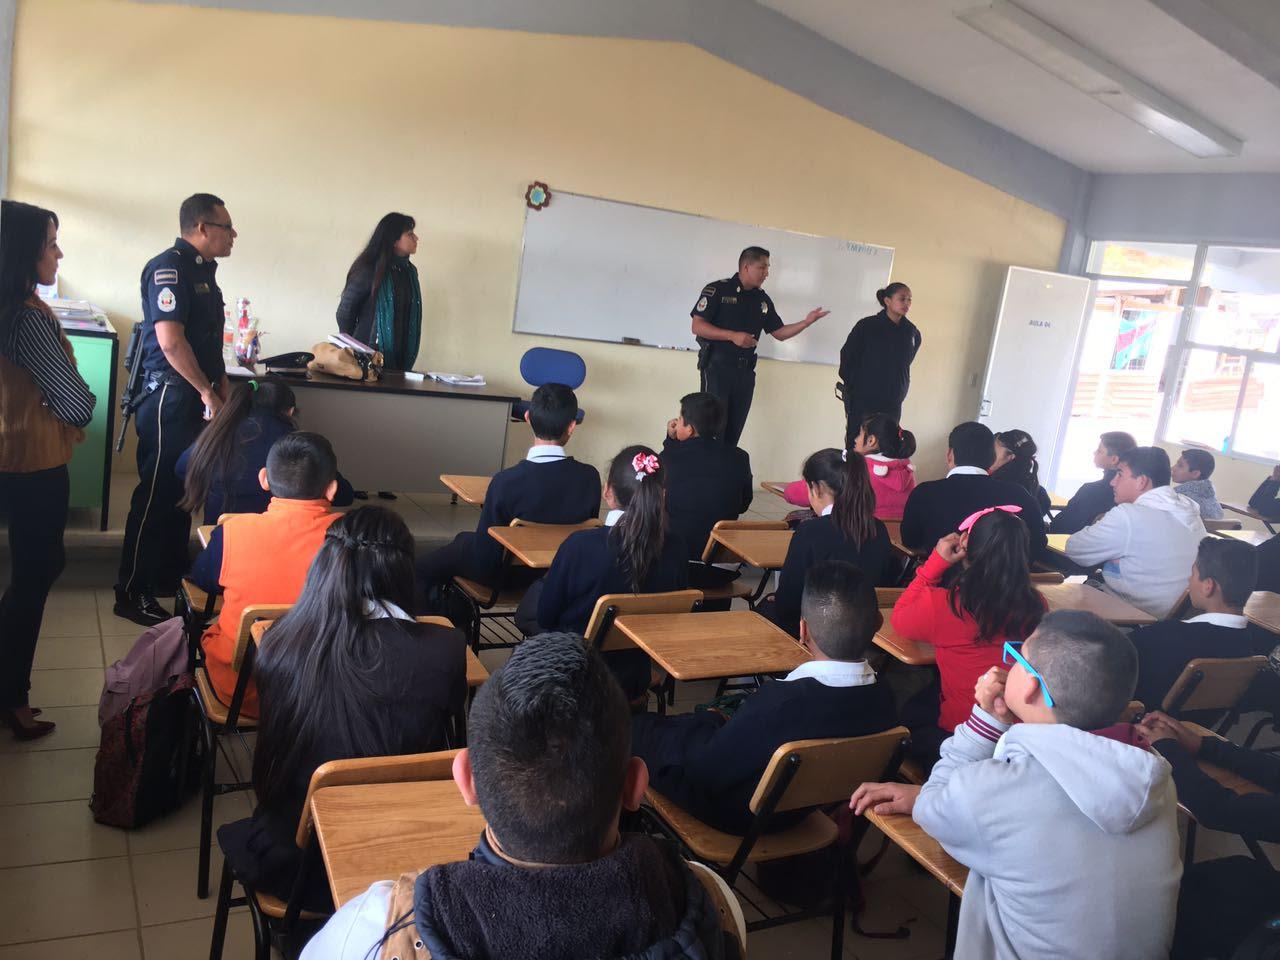 Esta semana se atendió a estudiantes de la Secundaria Técnica 143, a donde las jornadas regresaron a petición expresa de los directivos